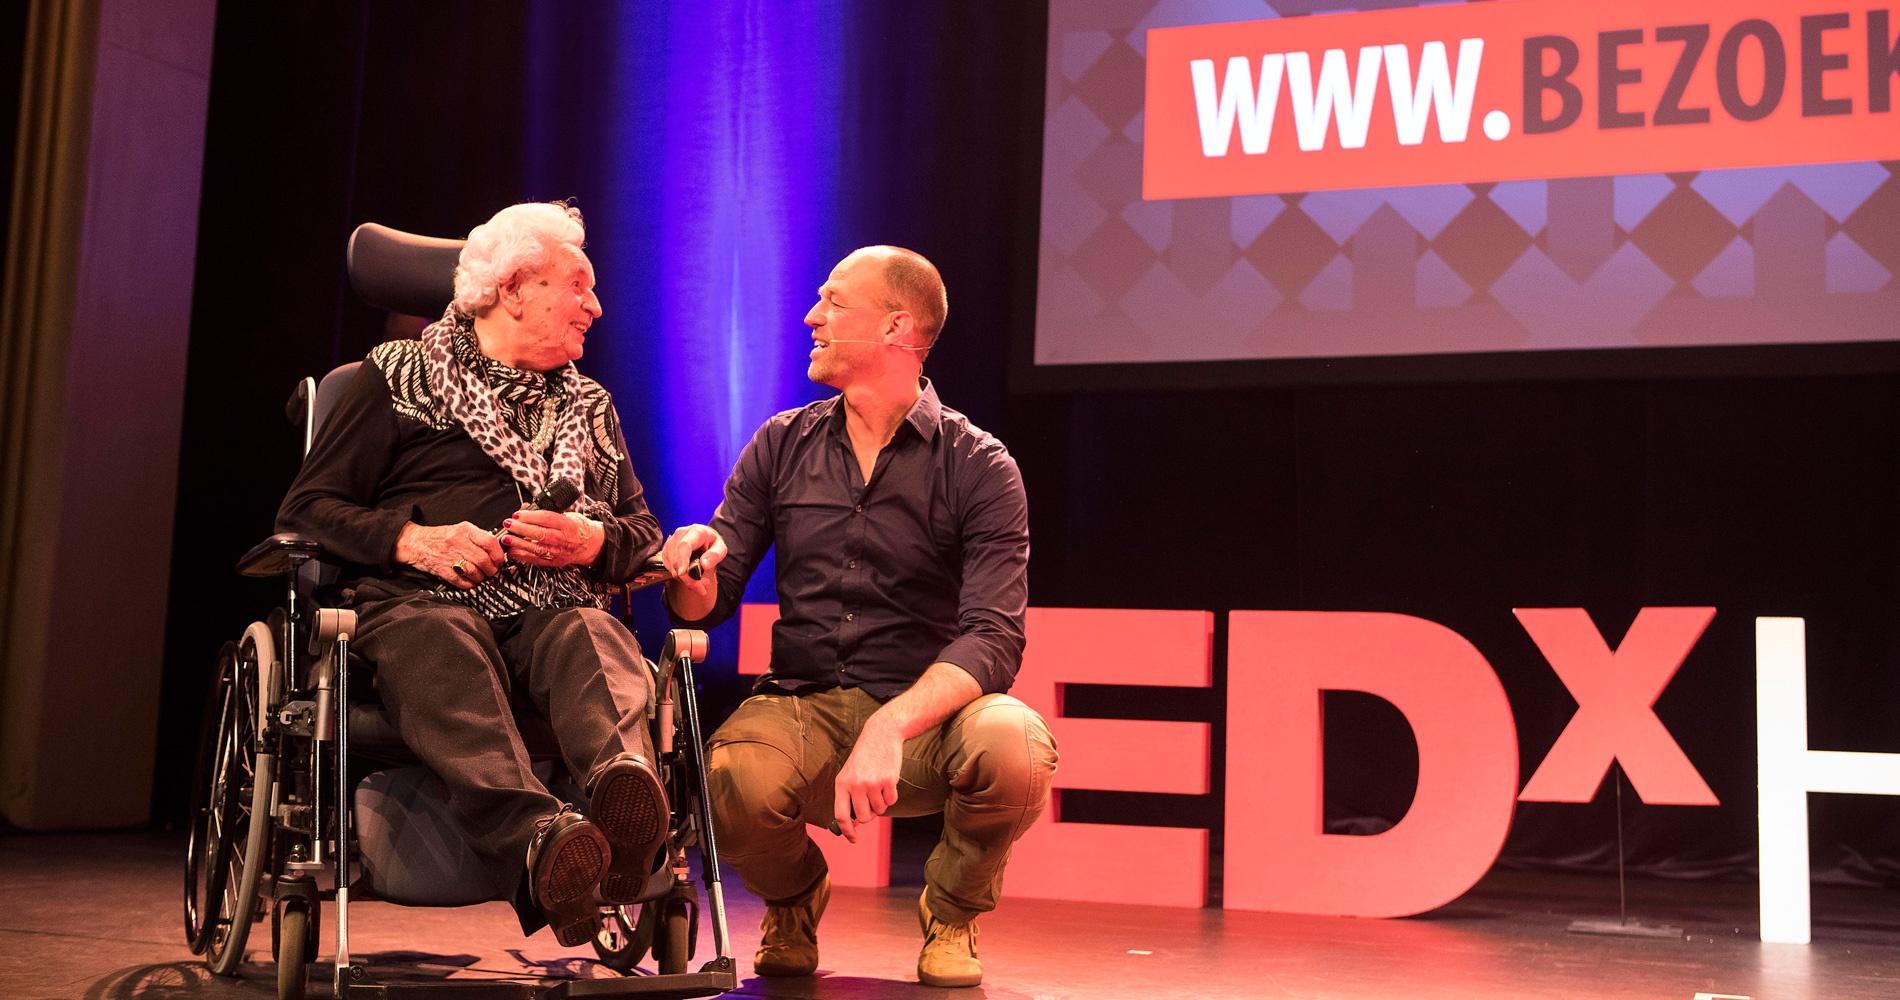 Edward Molkenboer en mevrouw van Huis bij TedXHaarlem